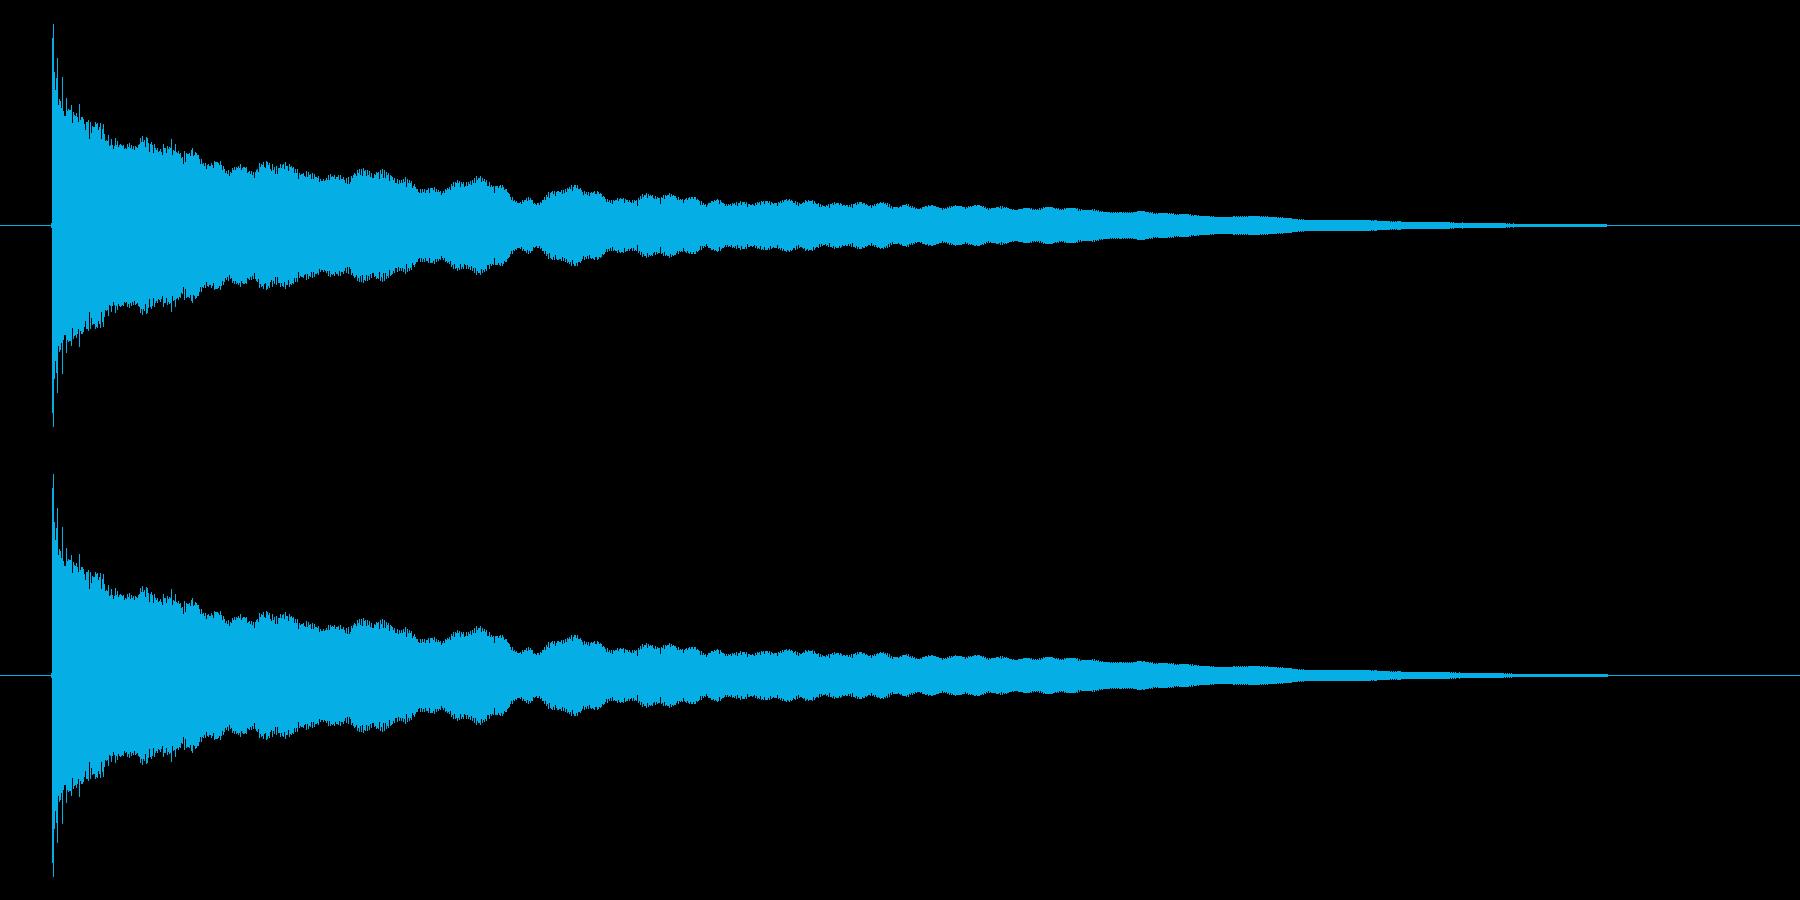 チーン05-1の再生済みの波形